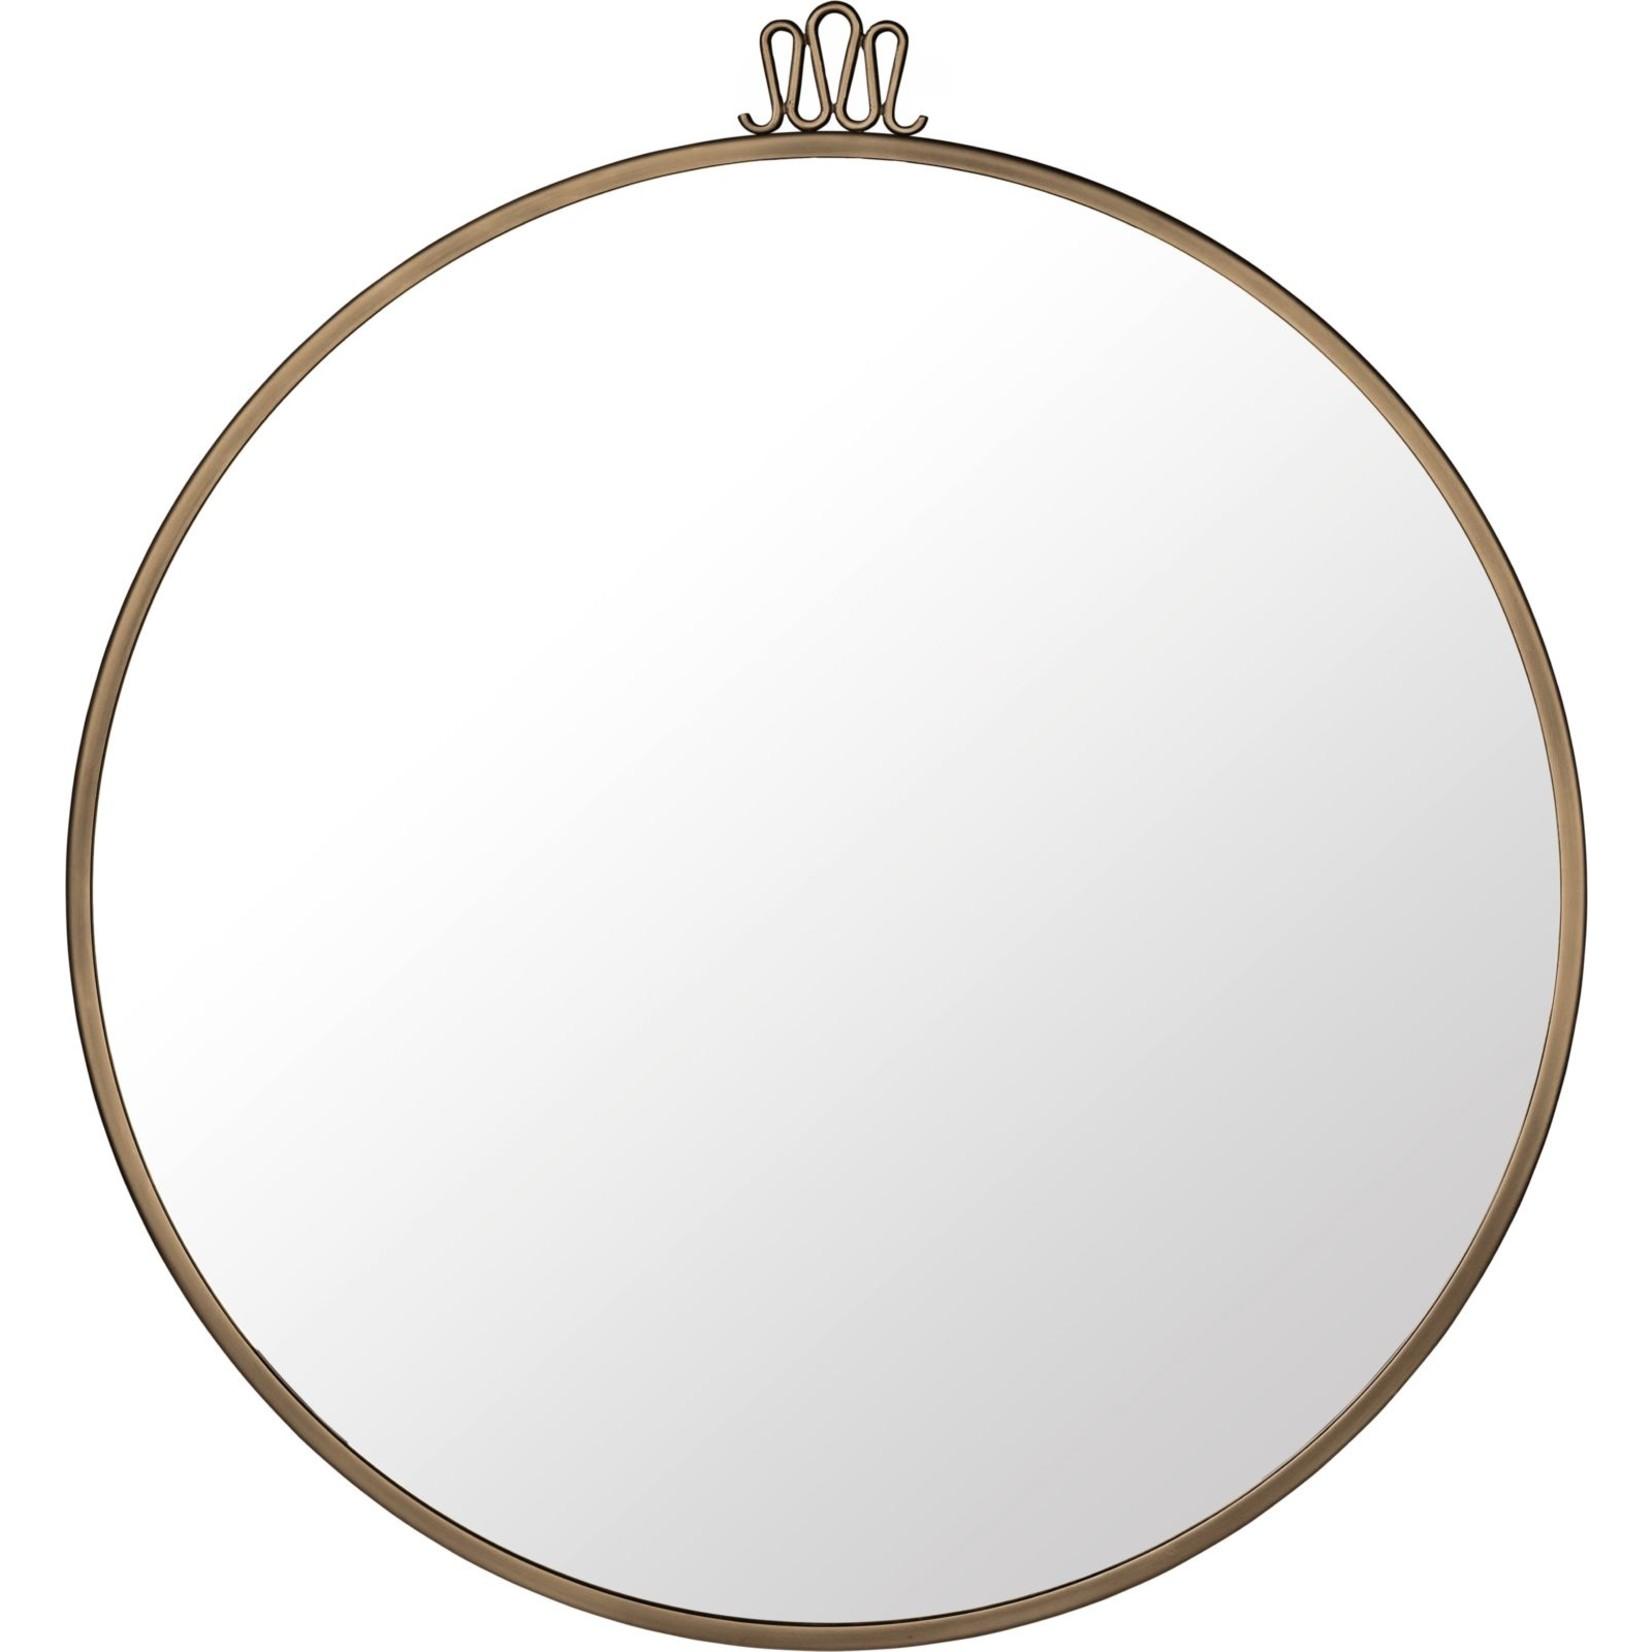 Gubi Wall mirror Randaccio - Round - Ø70 - Antique Brass